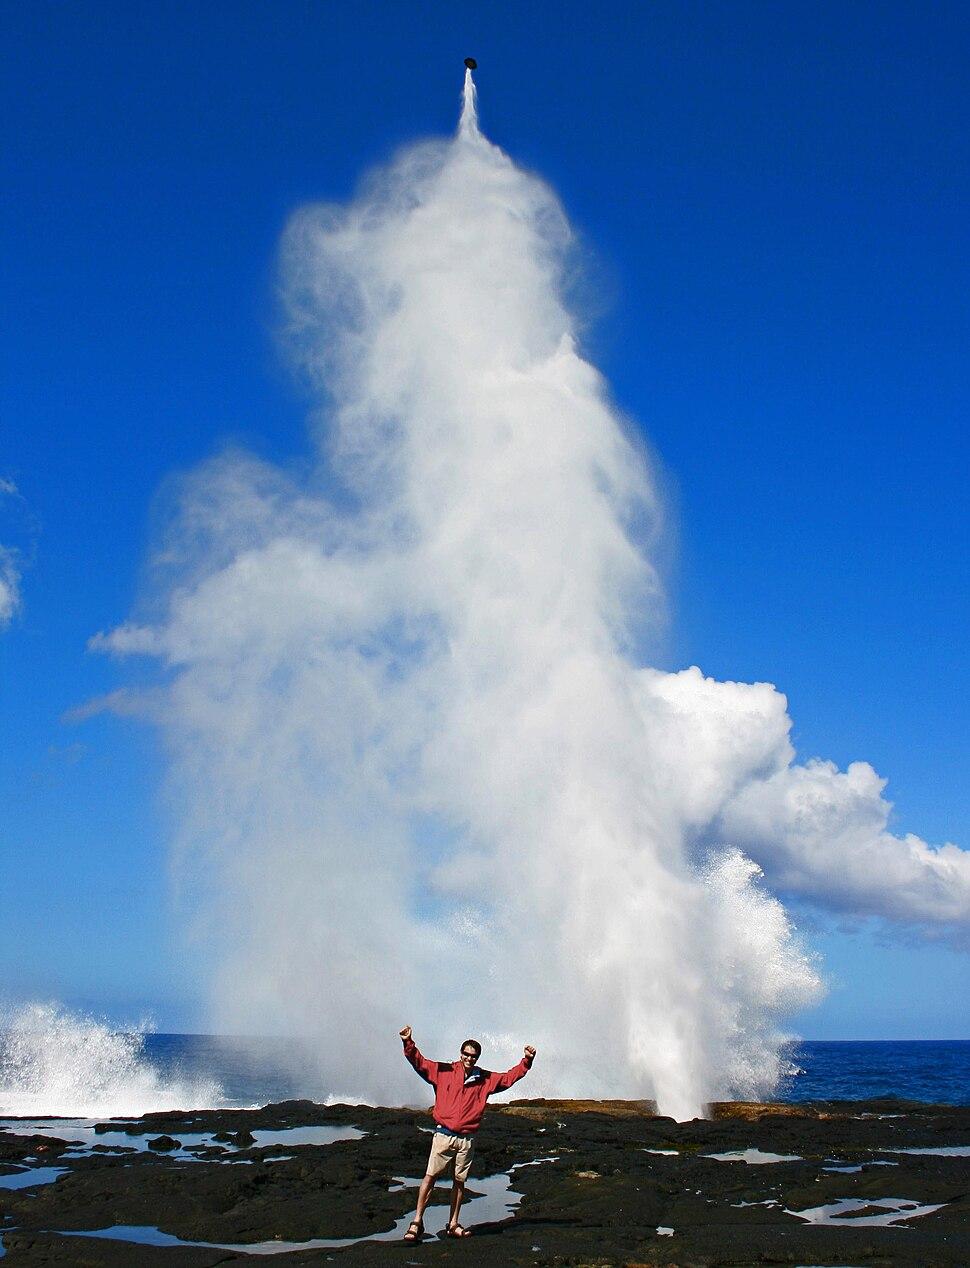 Alofa'aga Blowholes - Savai'i